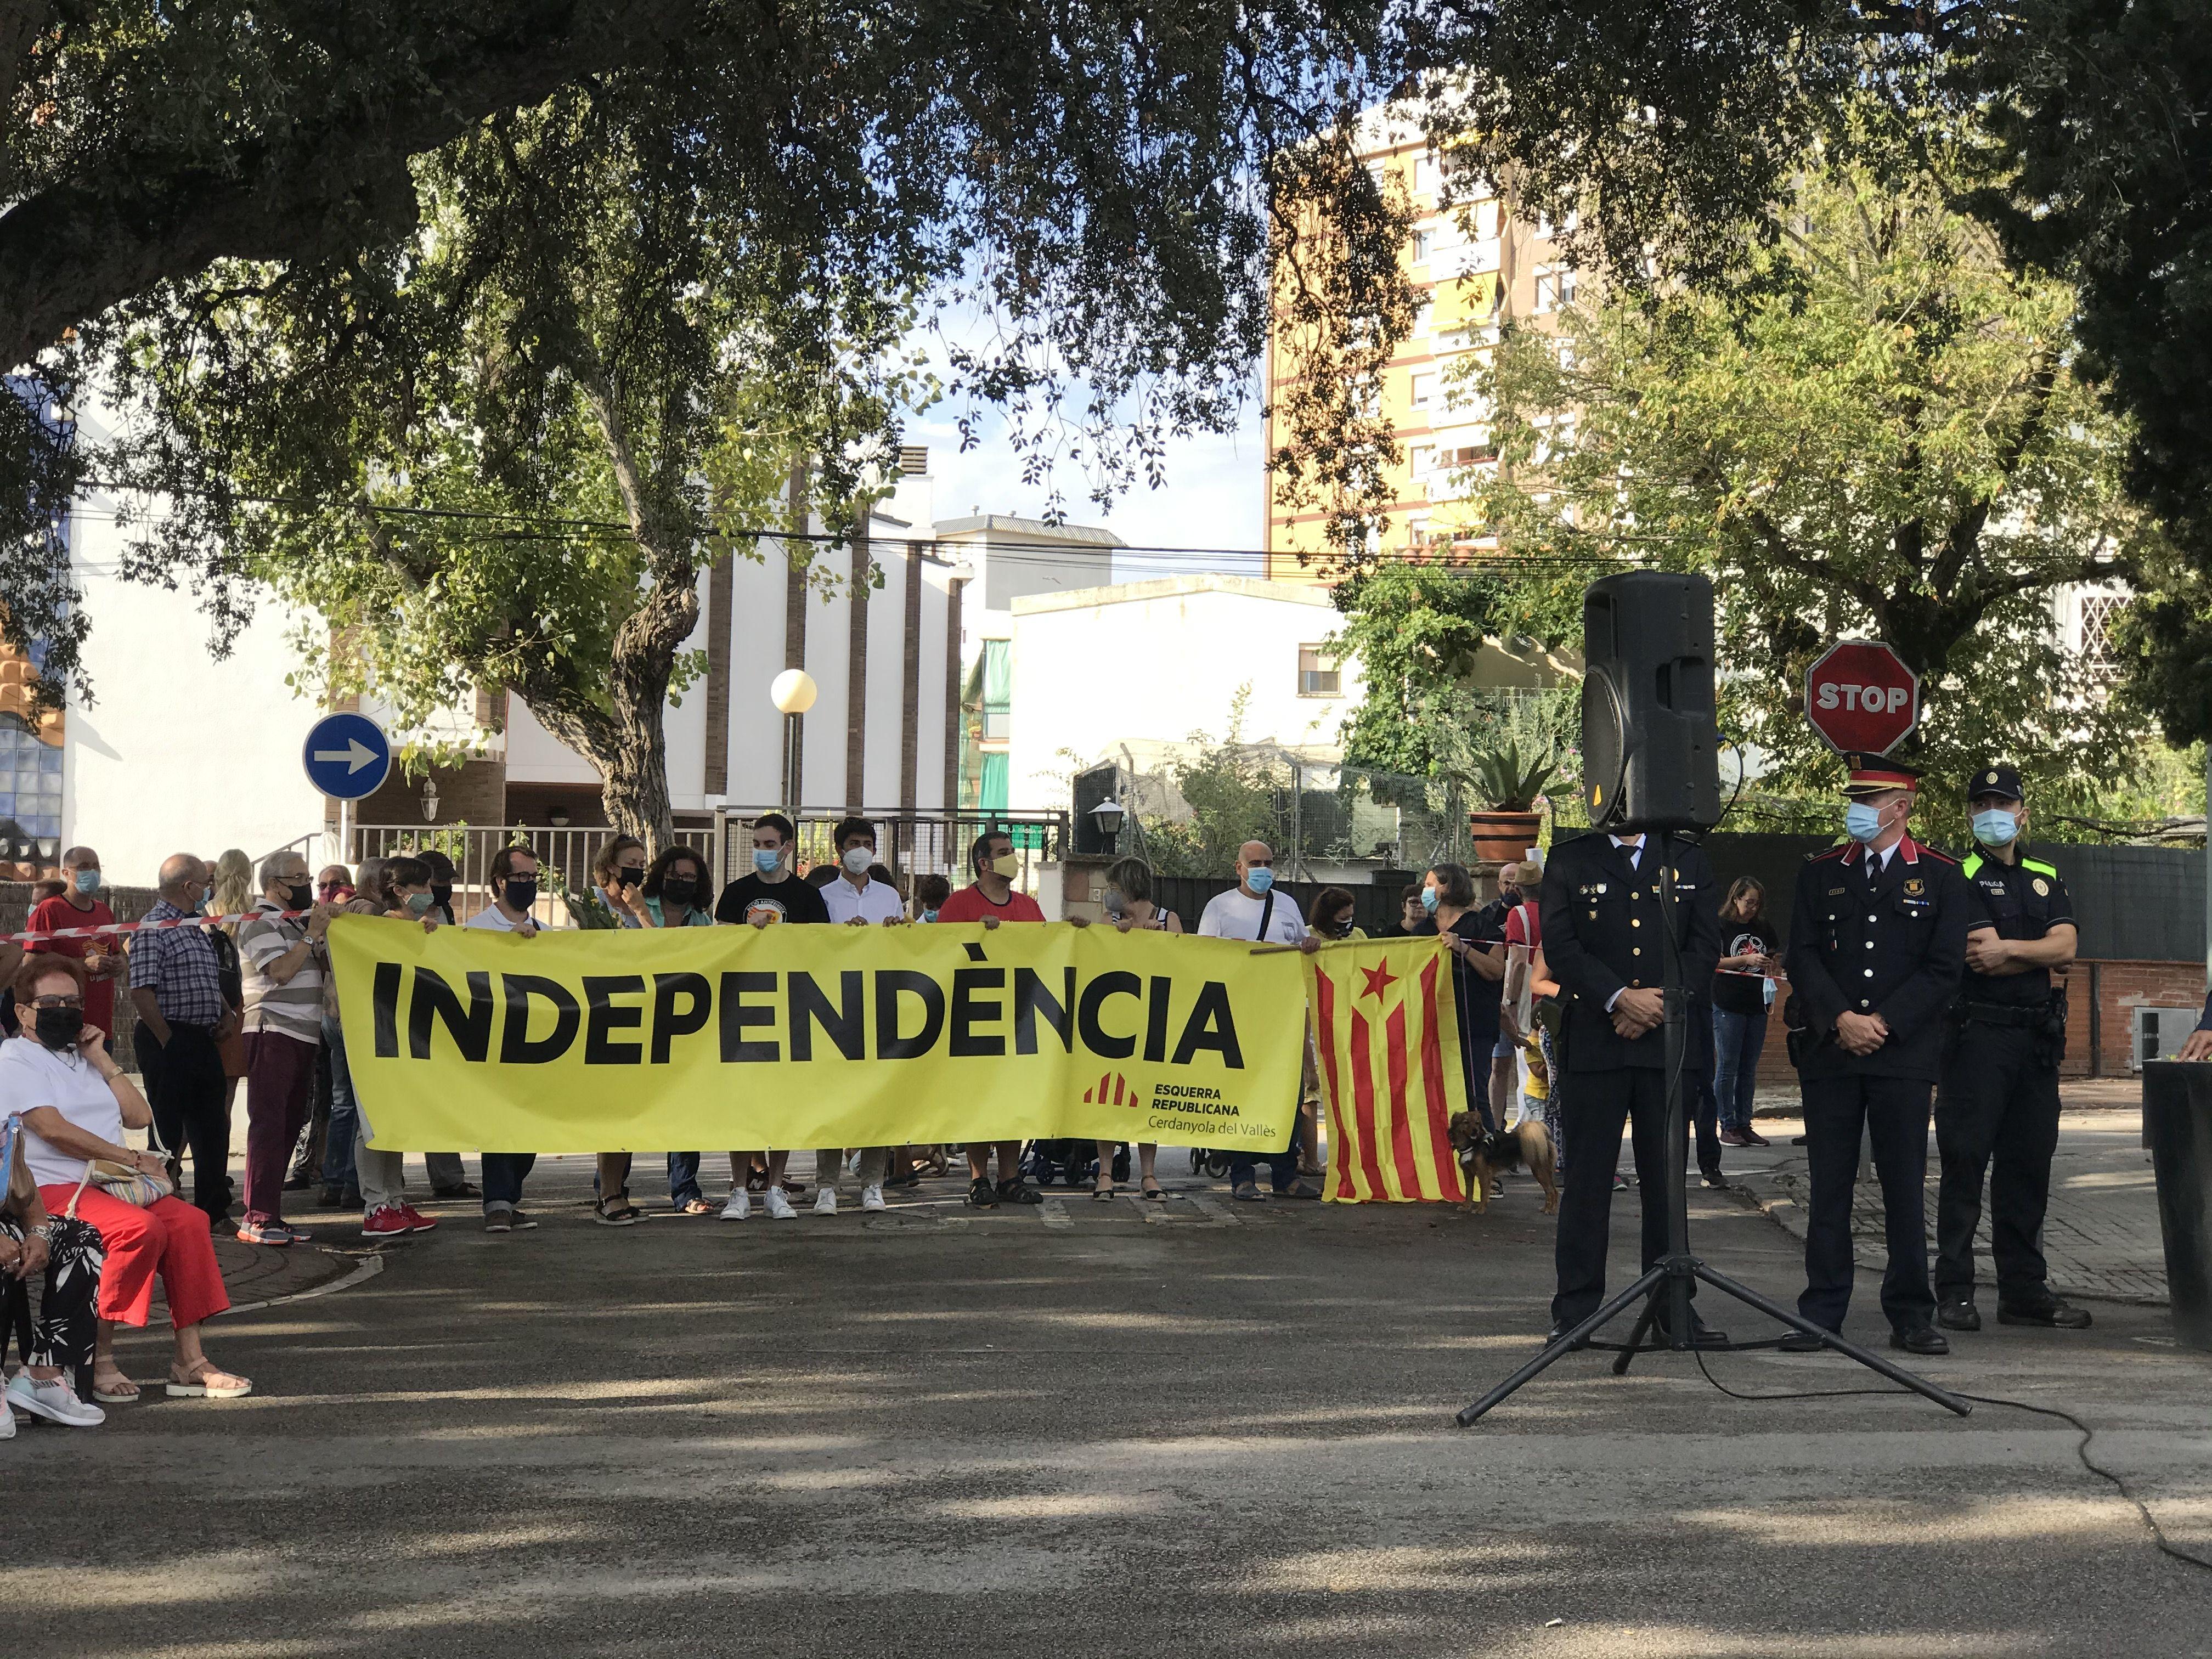 Algunes entitats han presenciat l'acte des de fora de la delimitació fixada. FOTO: Nora Muñoz